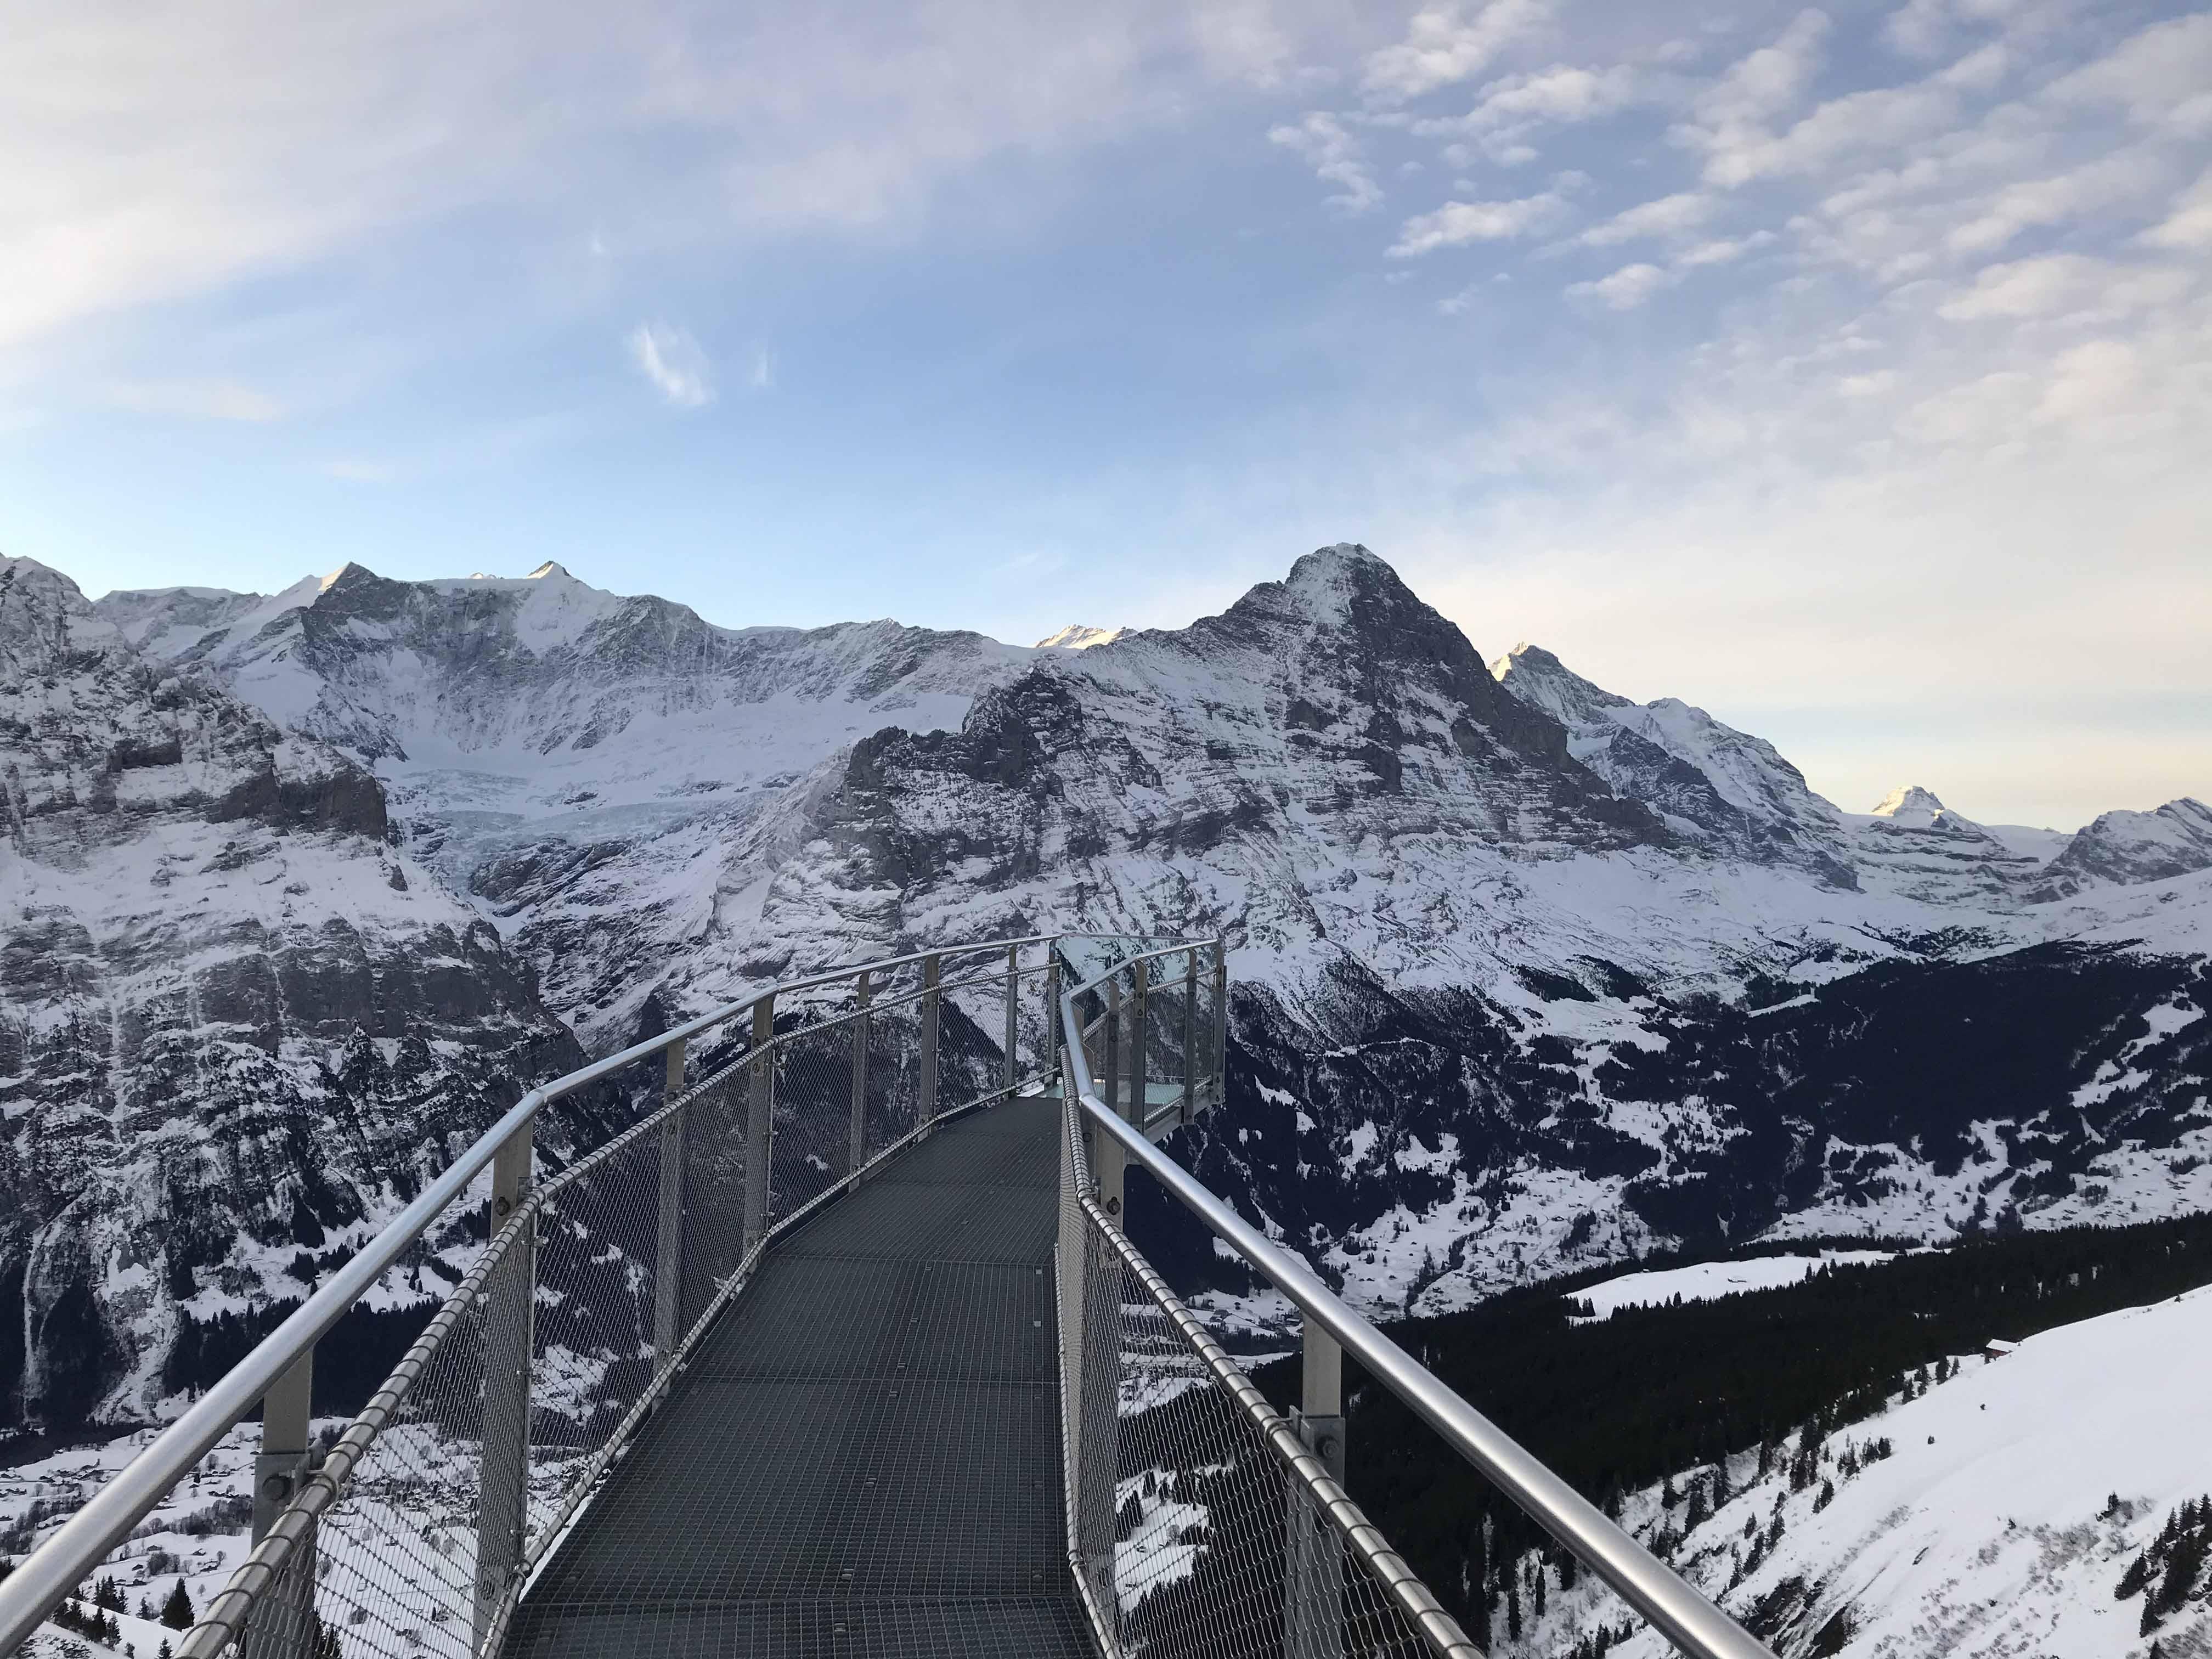 Ferienwohnung Chalet Anemone Grindelwald-First Cliff Walk by Tissot